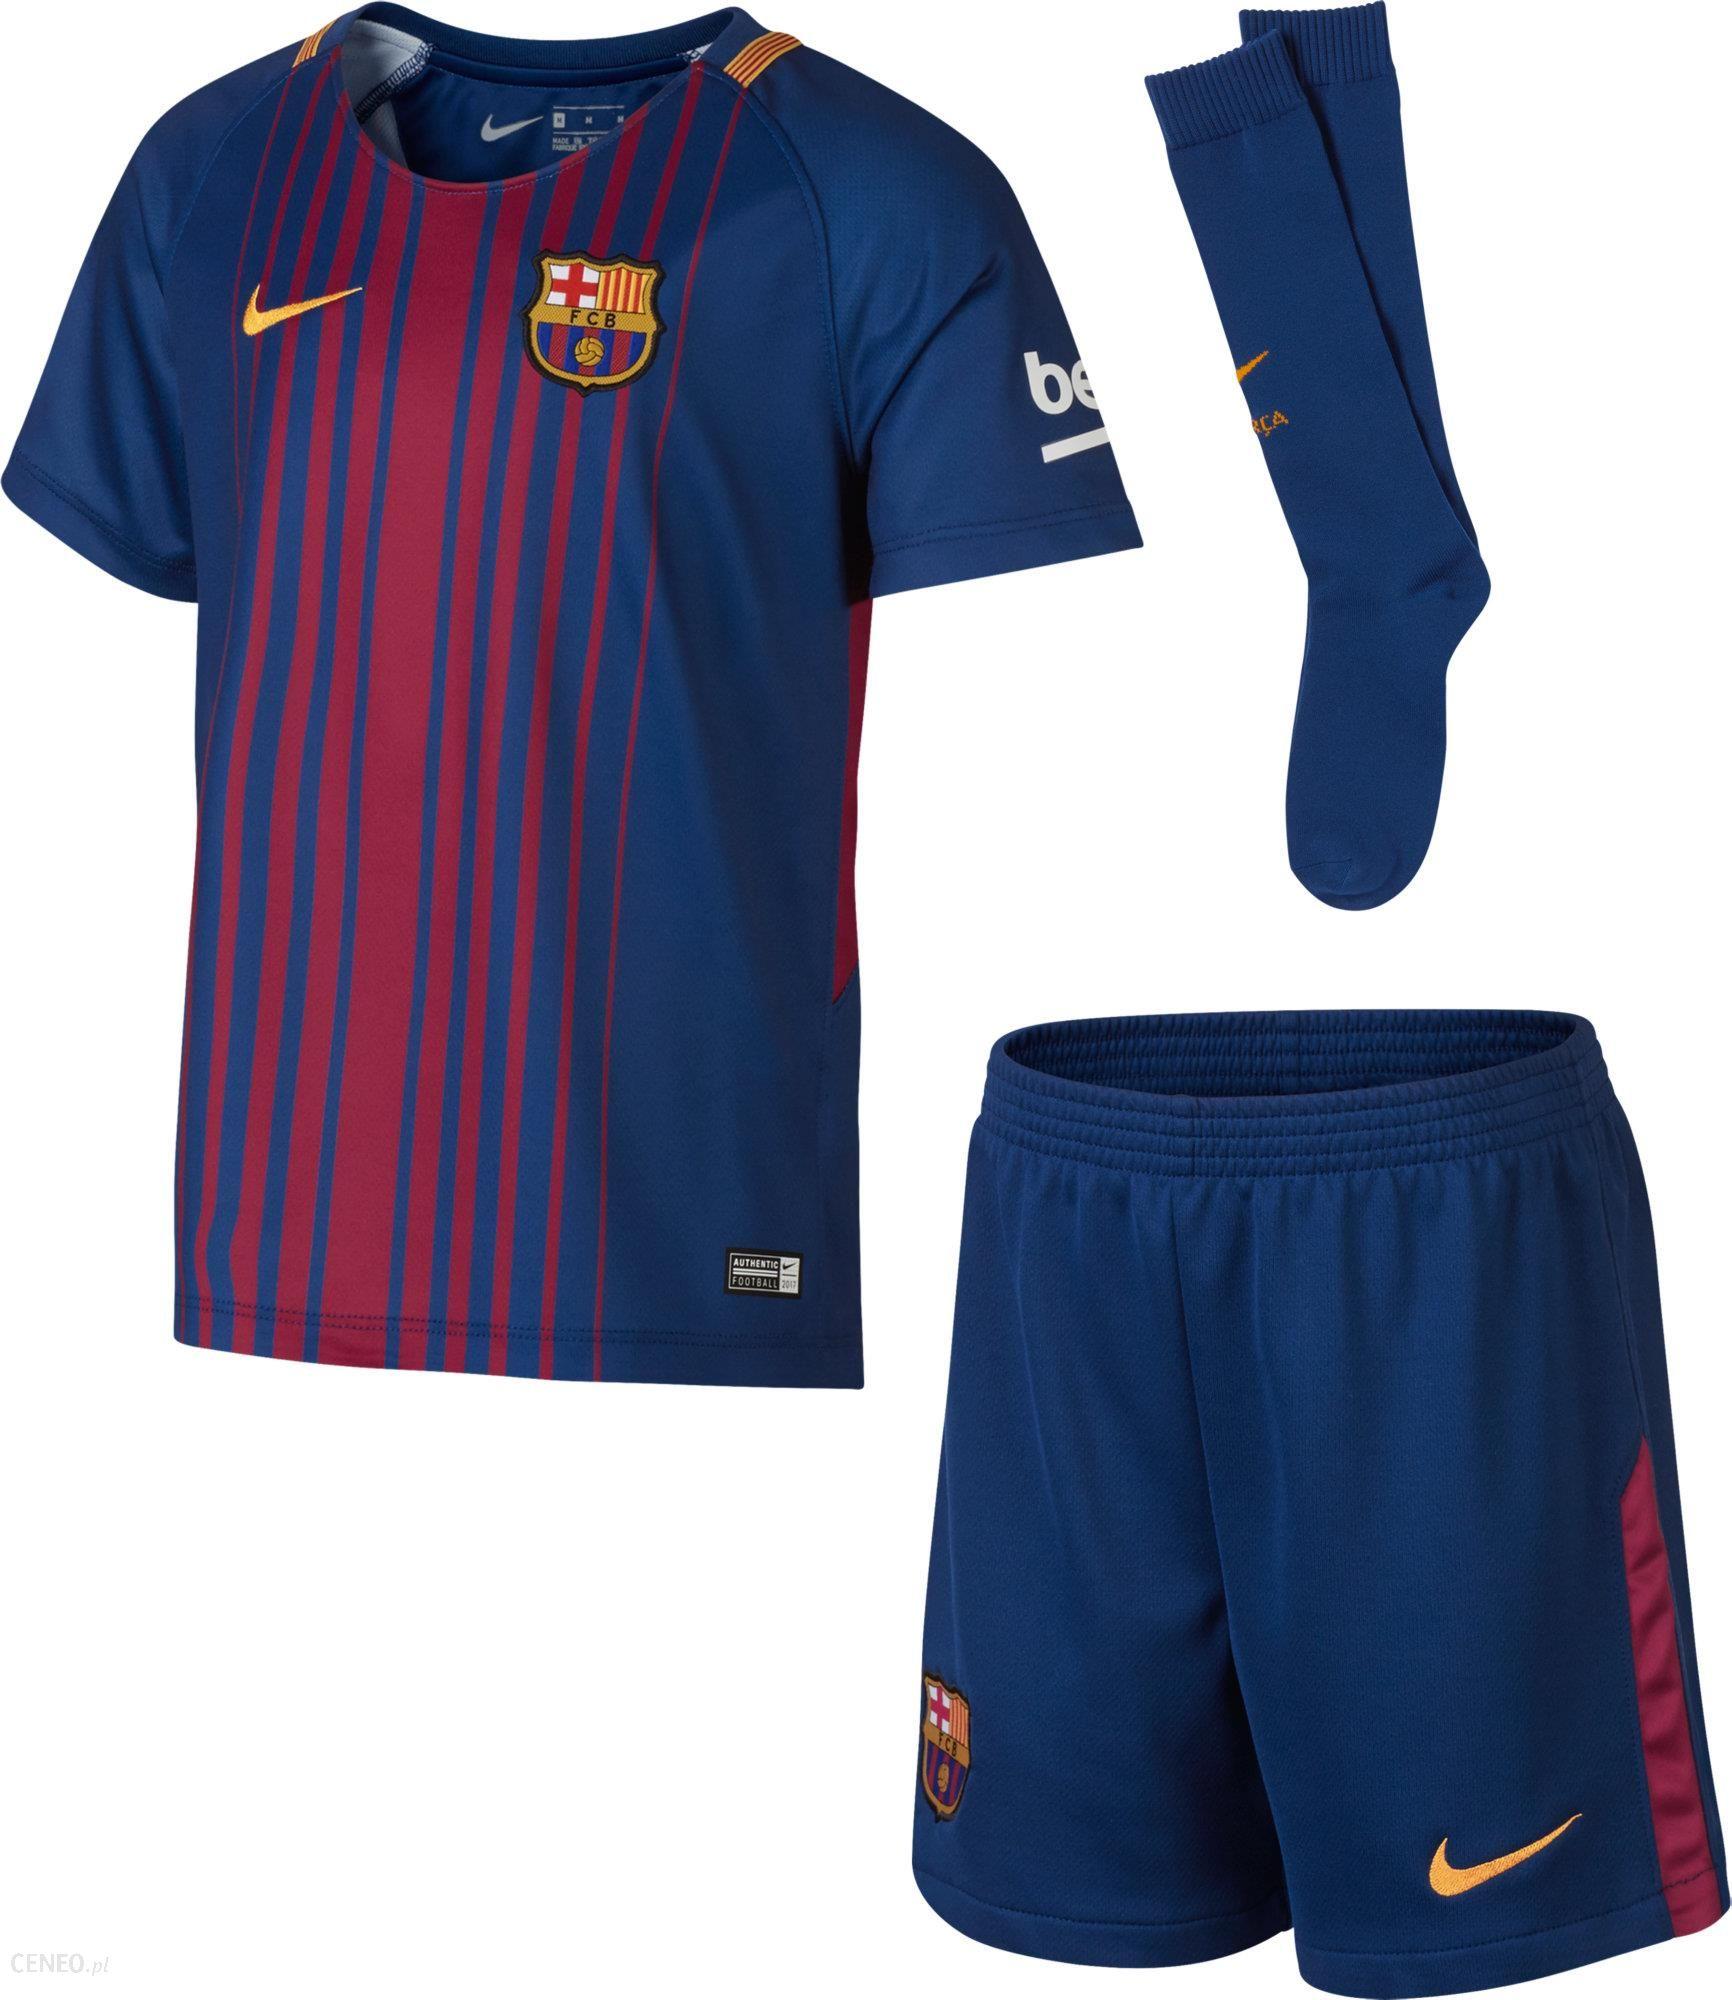 Nike Strój Dla Dziecka Fc Barcelona 2017 18 - Ceny i opinie - Ceneo.pl 2ee5e6c53be